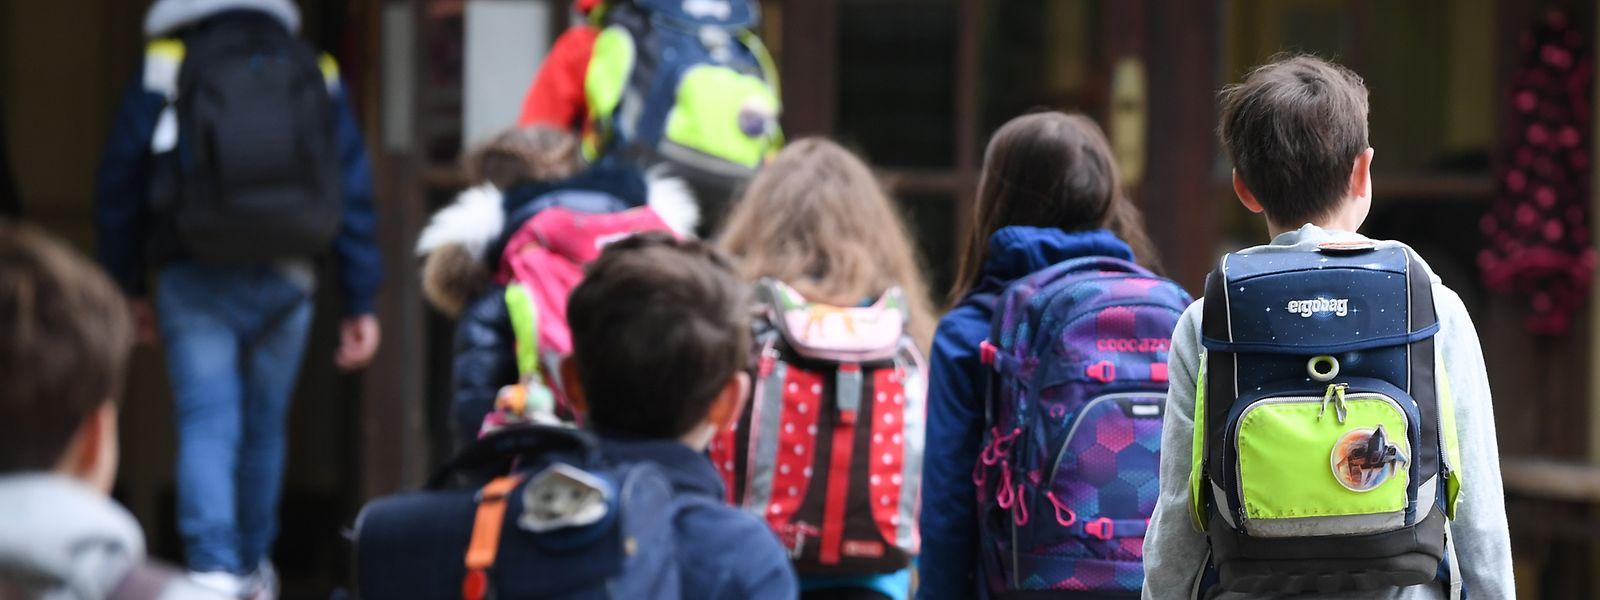 In der Woche des 16. November wurden 711 Schüler und 77 Lehrer positiv auf das Corona-Virus getestet.